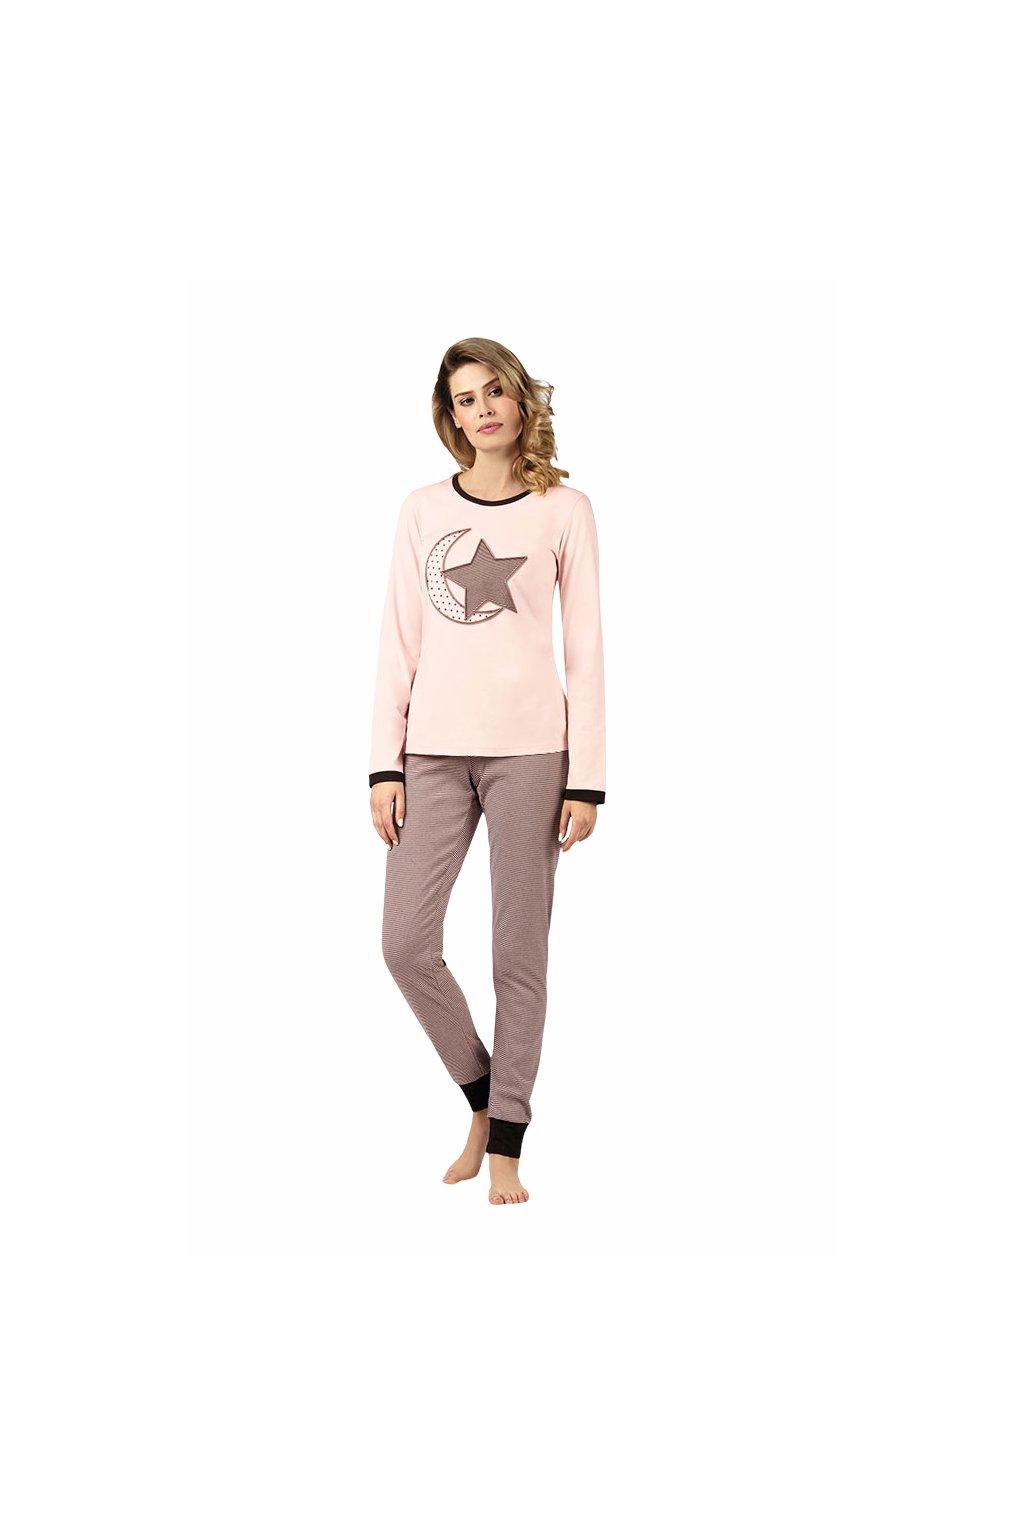 Dámské pyžamo s dlouhým rukávem, 104421 904, růžová